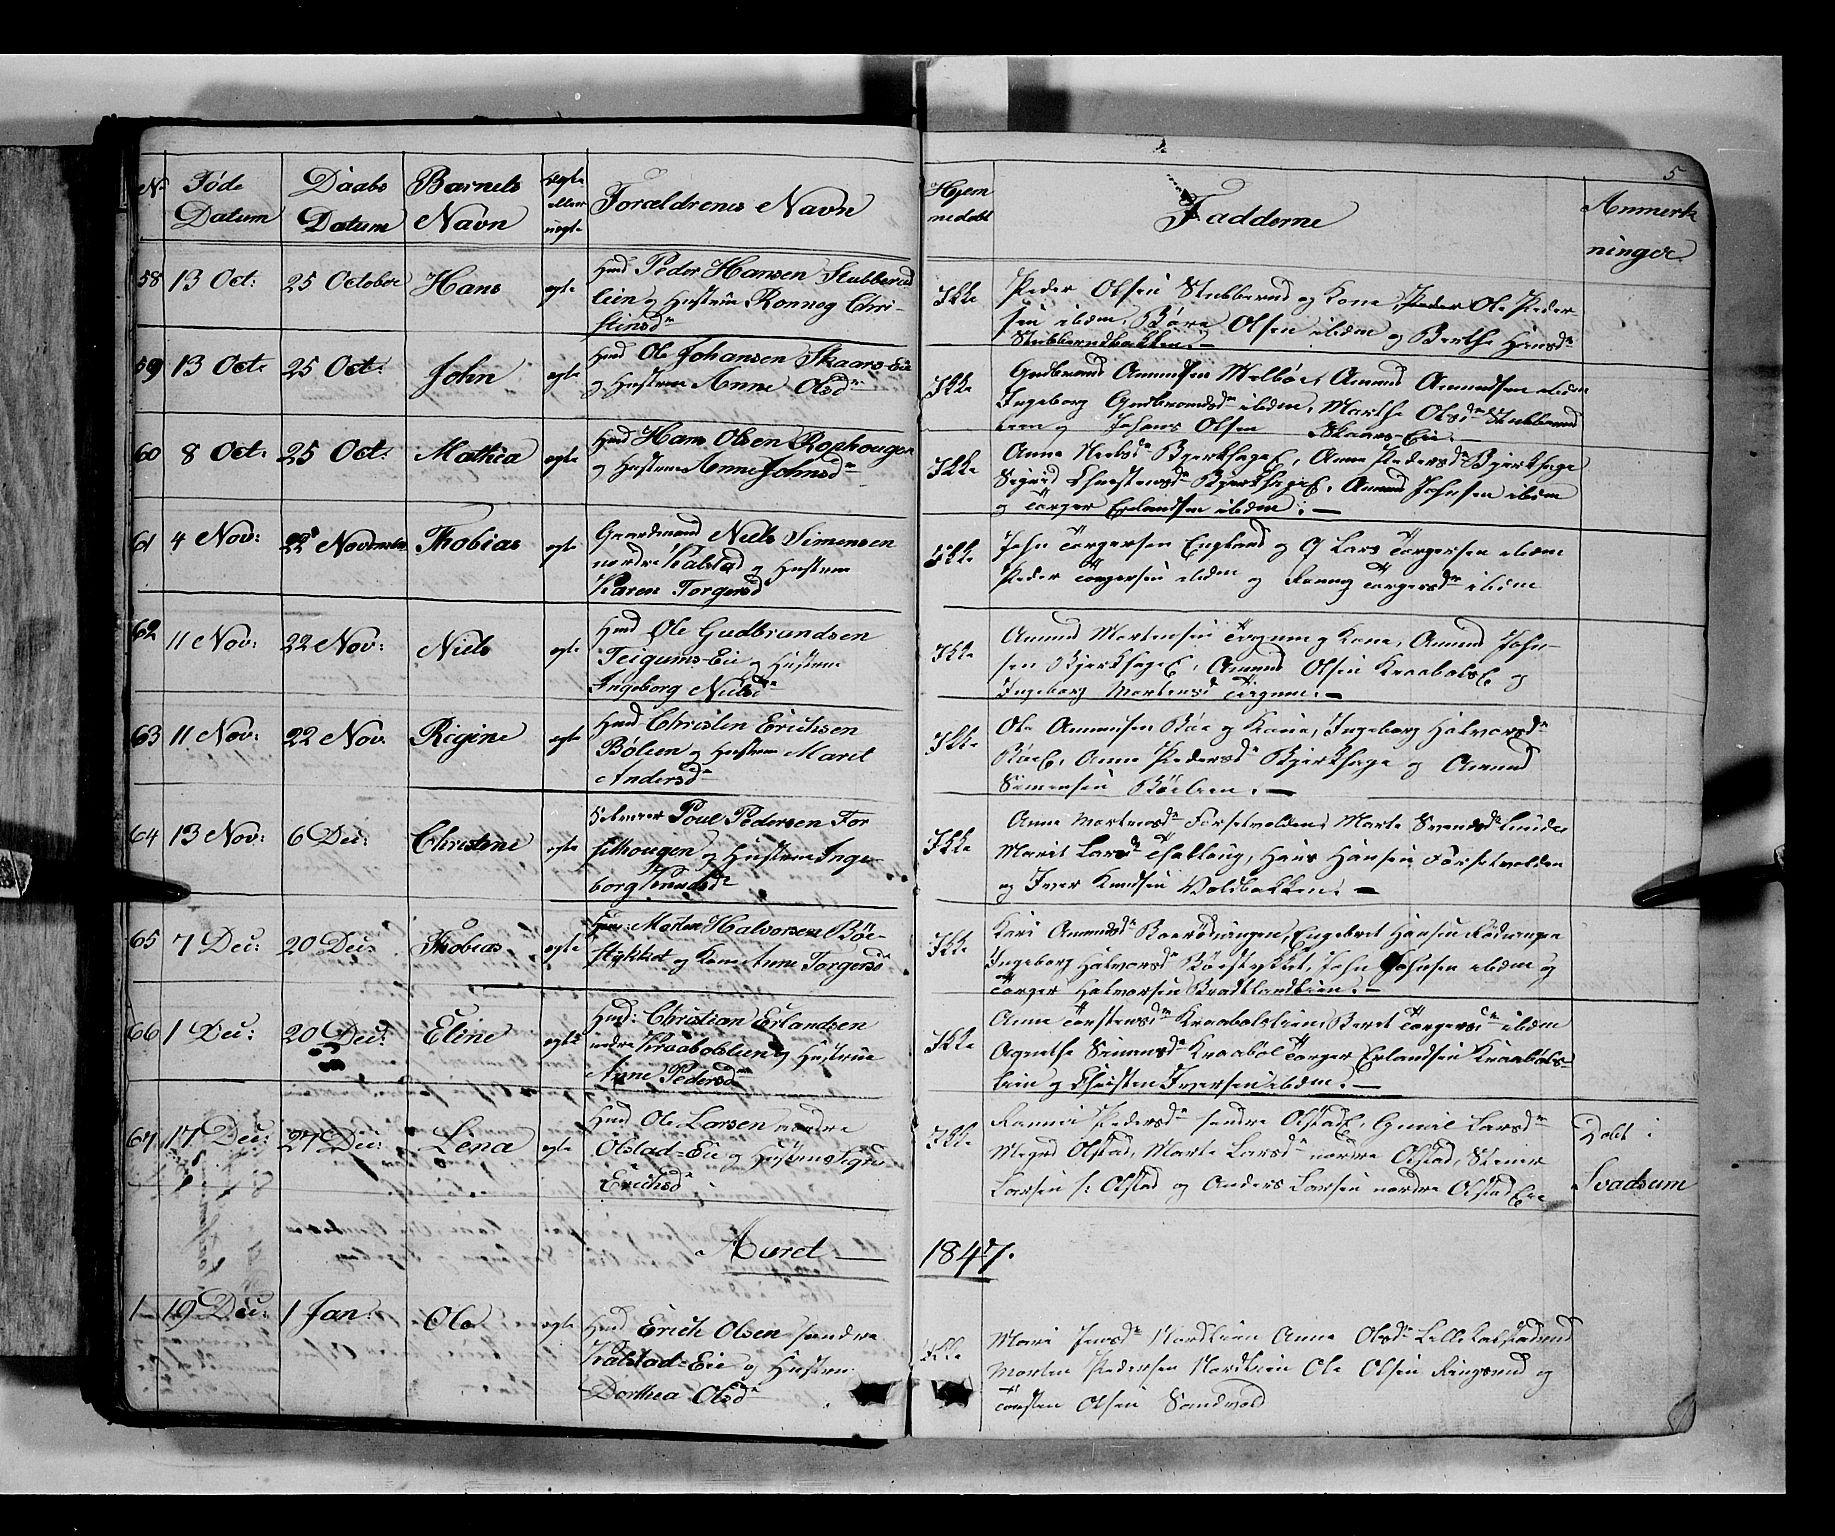 SAH, Gausdal prestekontor, Klokkerbok nr. 5, 1846-1867, s. 5